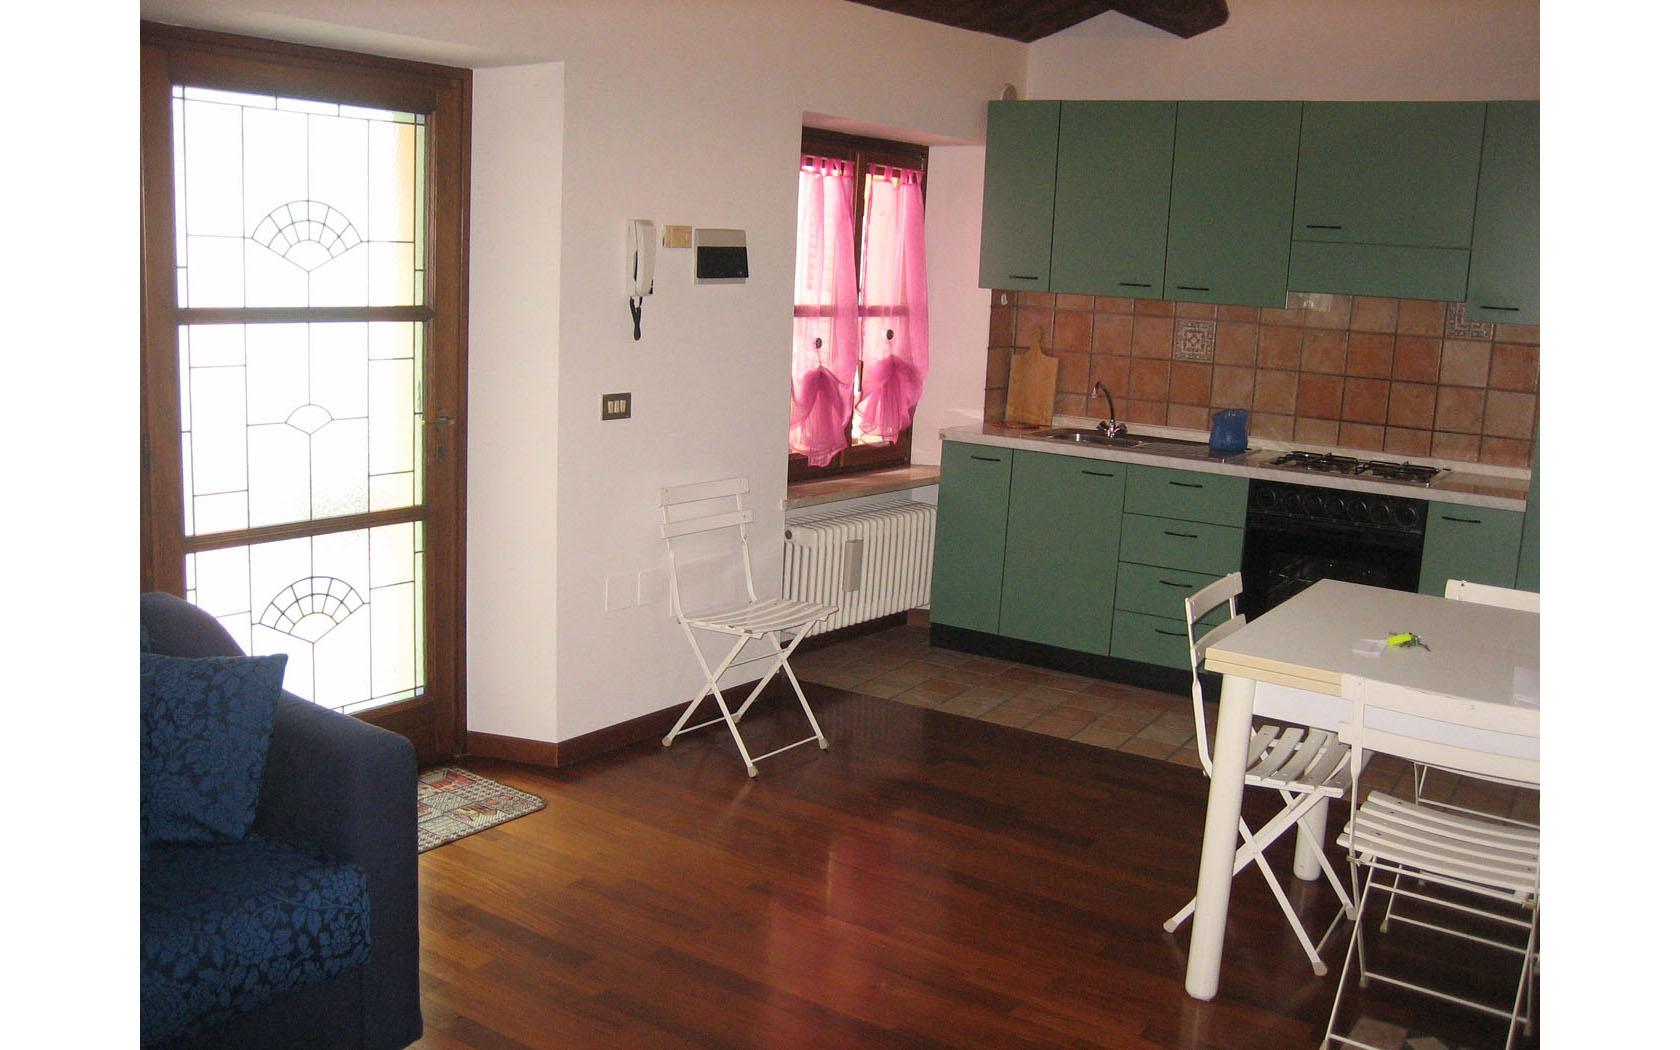 Foto appartamenti 2010 061